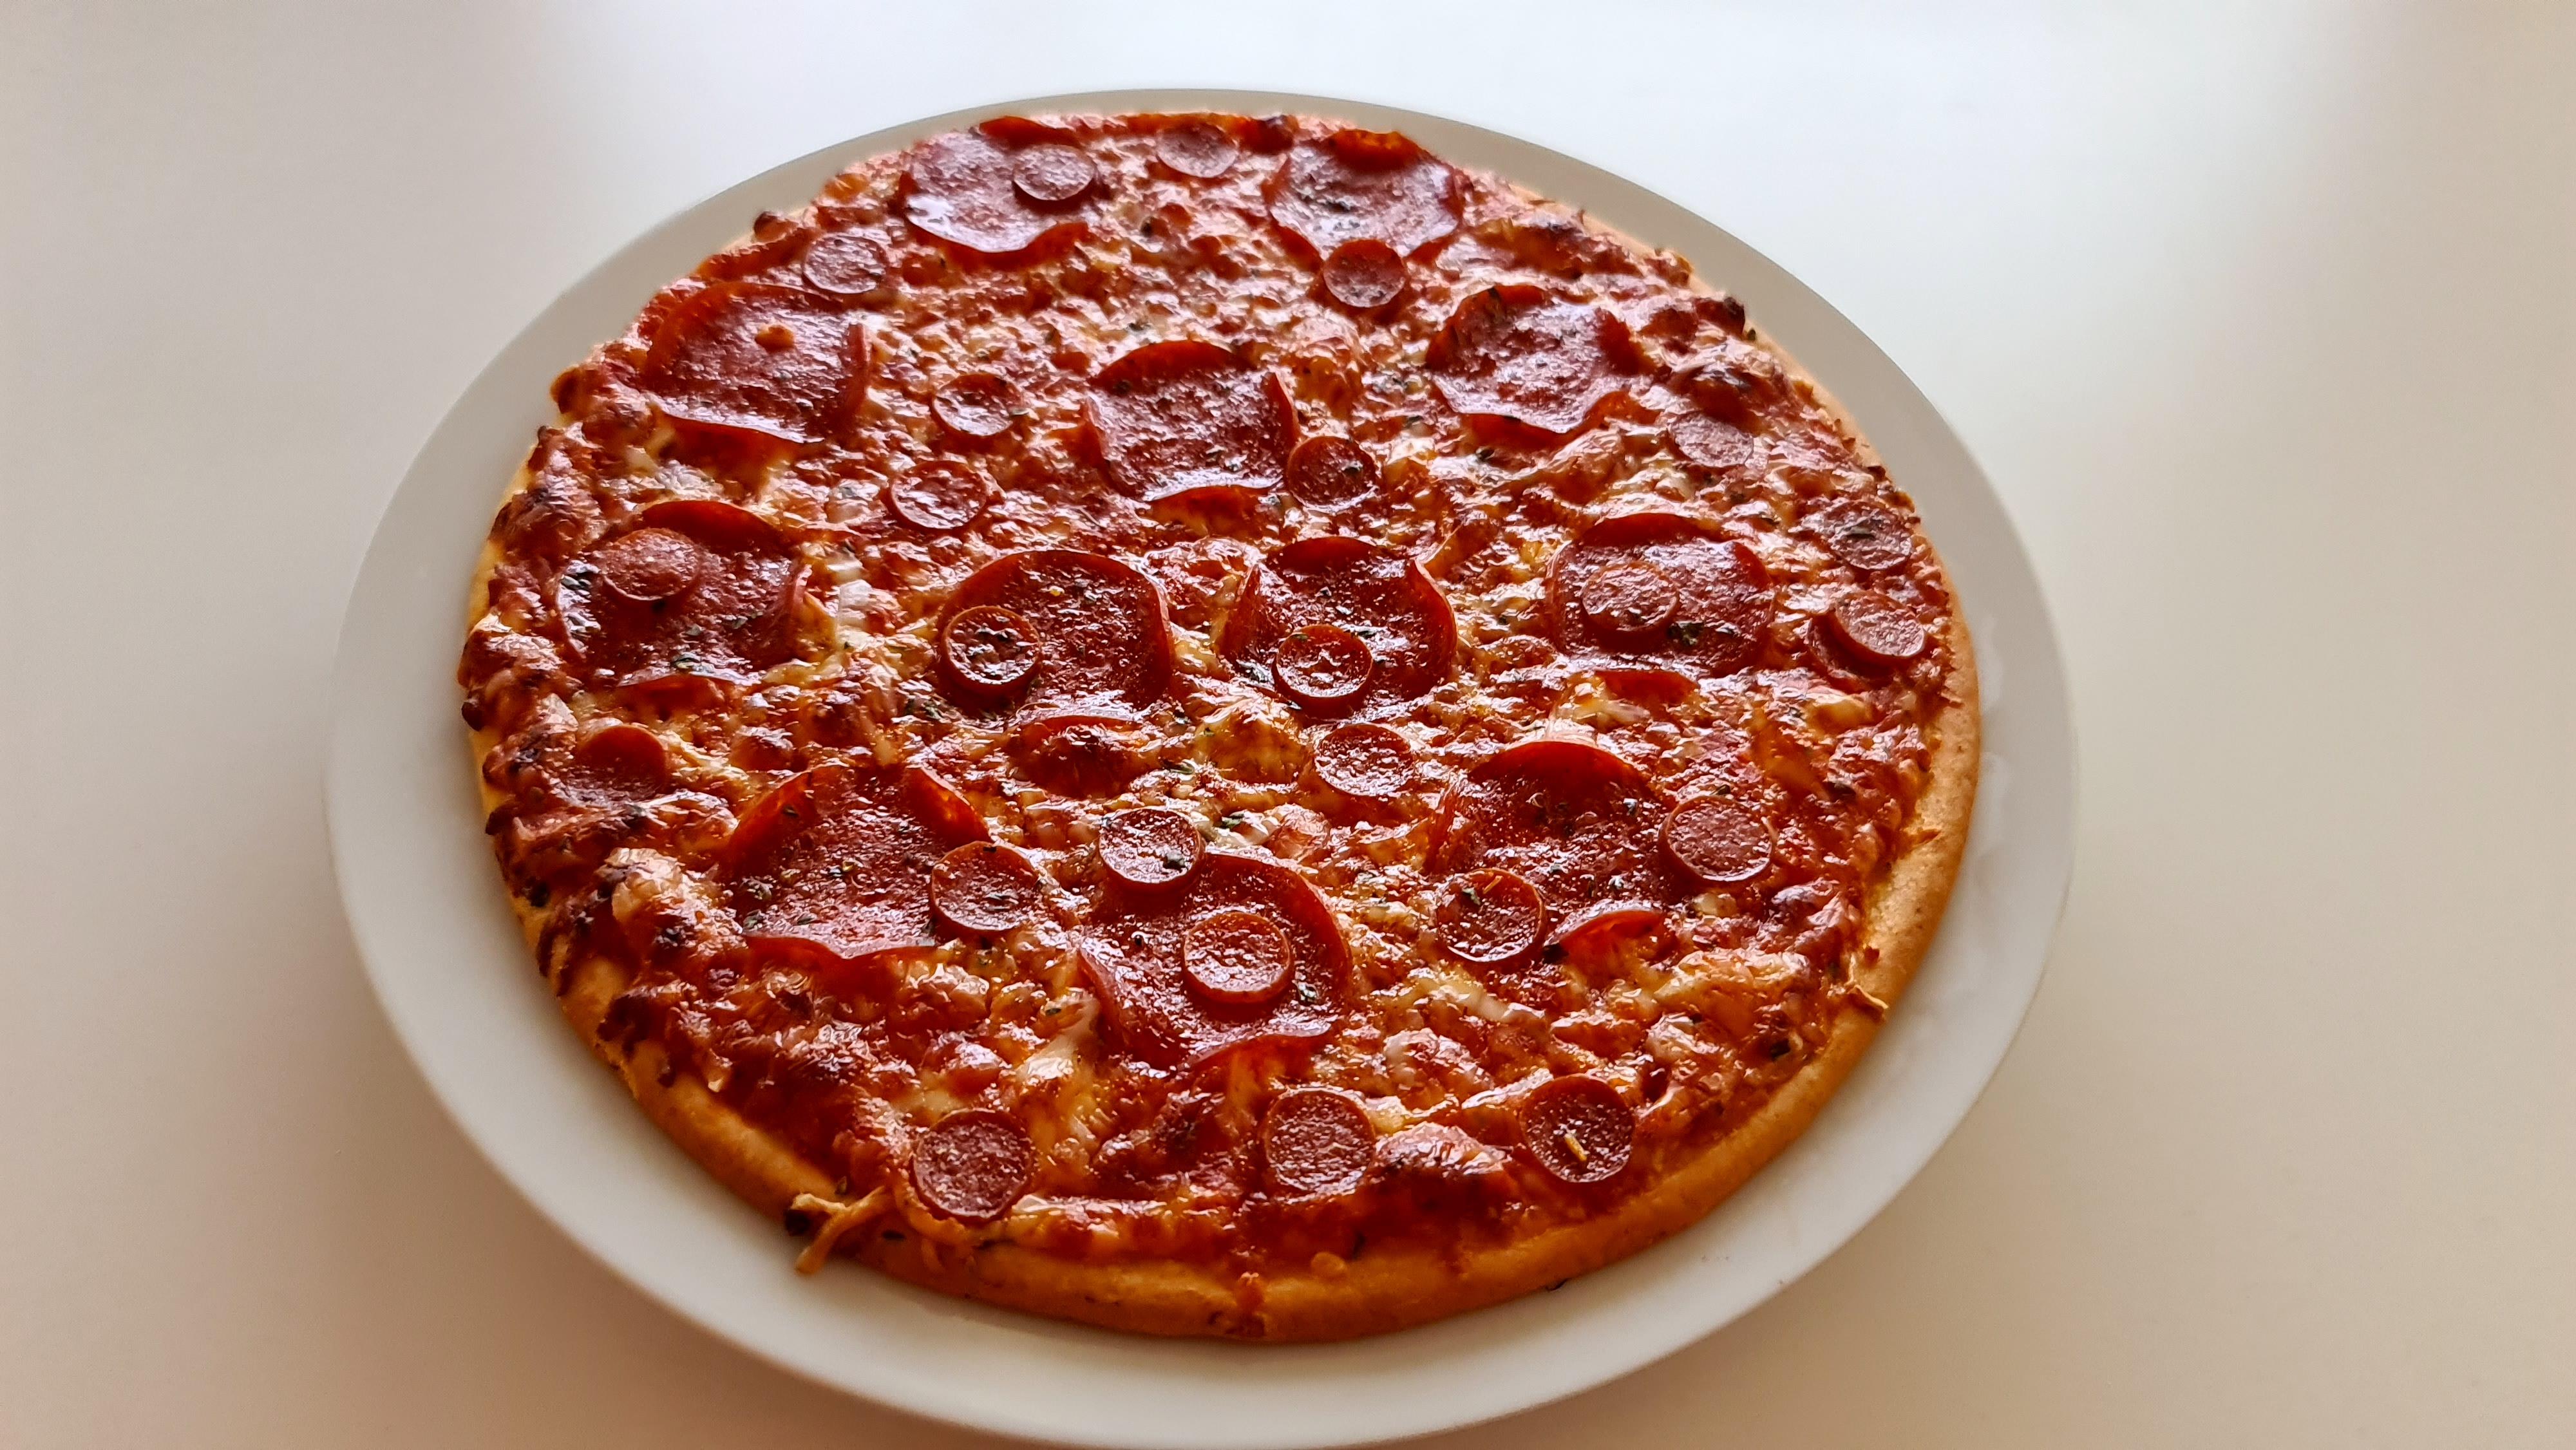 https://foodloader.net/Holz_2020-11-26_Pizza.jpg